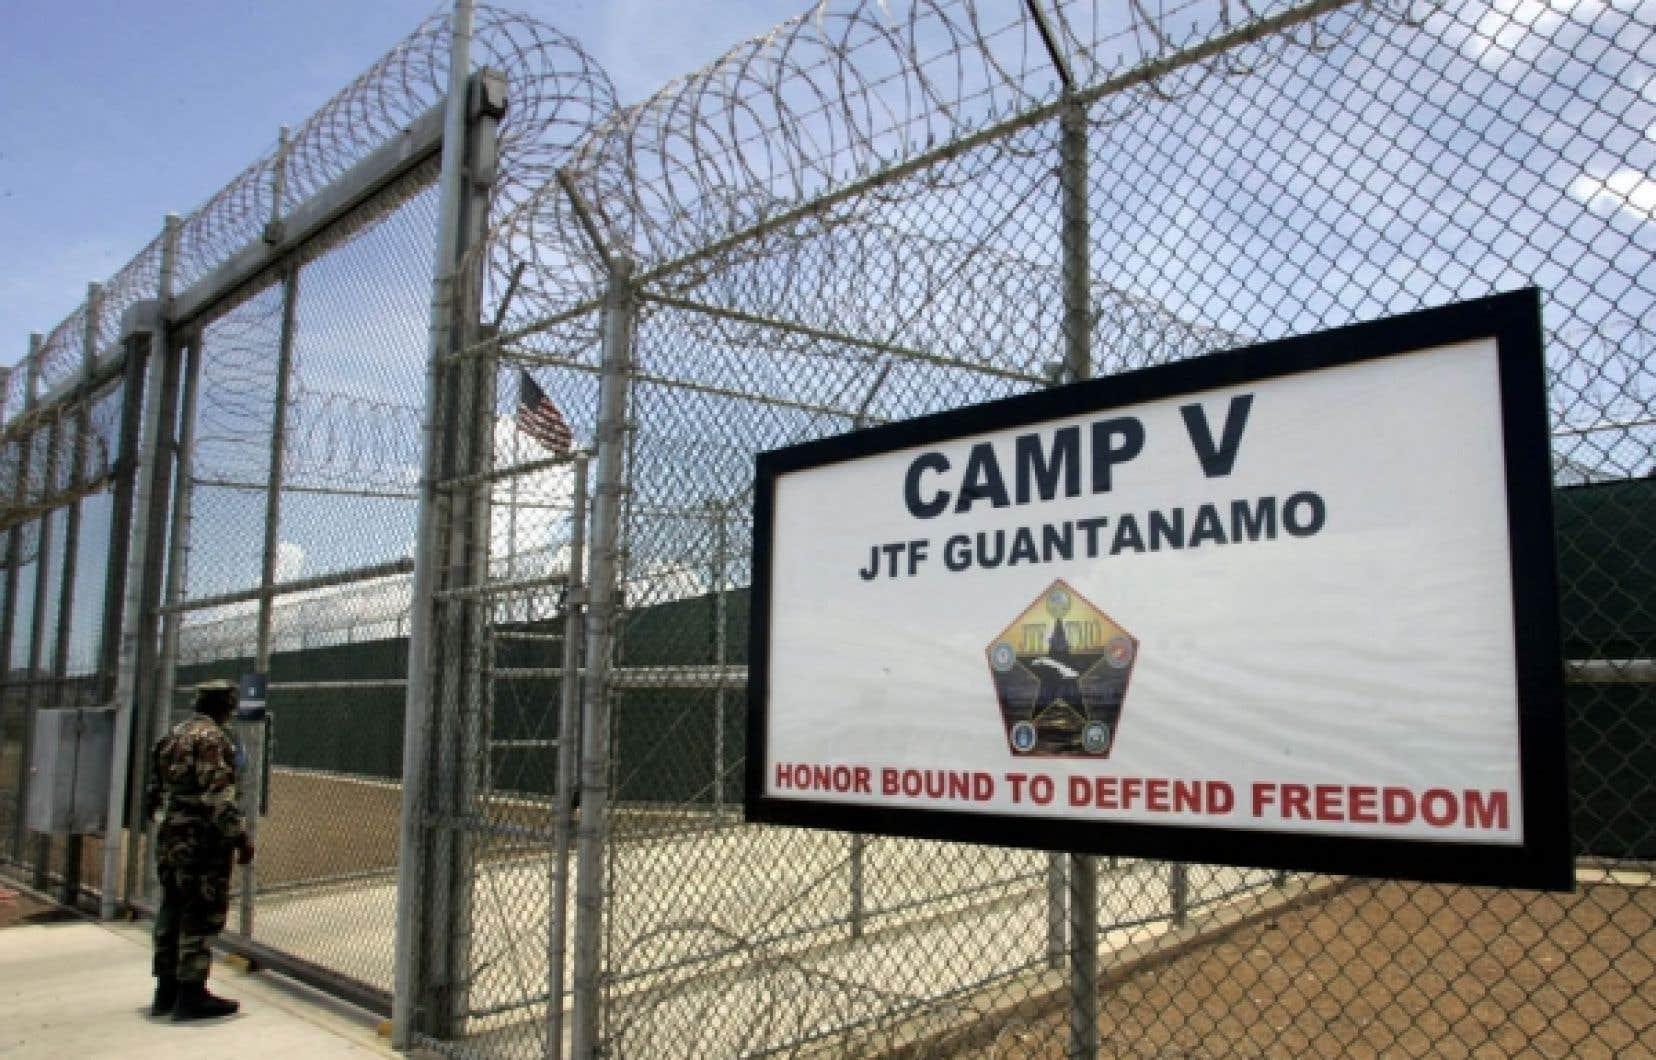 Malgré l'engagement de Barack Obama de fermer la prison avant janvier 2010, une loi votée par le Congrès et promulguée fin décembre empêche de facto la réalisation de cet objectif.